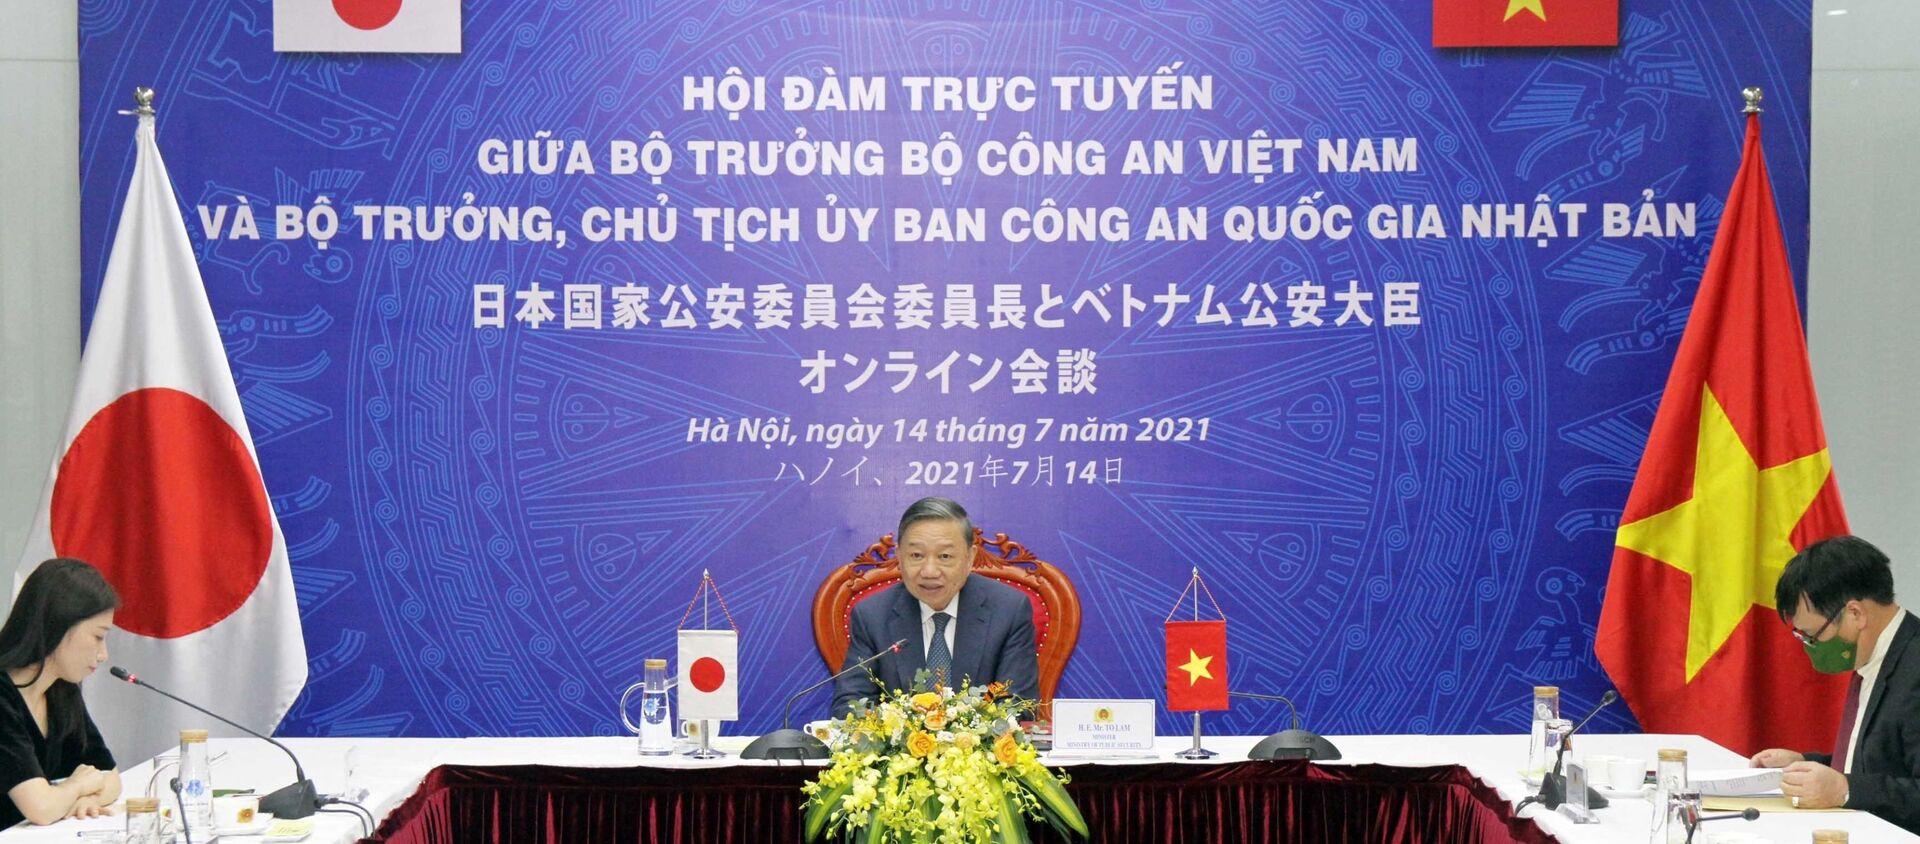 Bộ trưởng Bộ Công an Tô Lâm hội đàm trực tuyến với Bộ trưởng, Chủ tịch Ủy ban Công an Quốc gia Nhật Bản - Sputnik Việt Nam, 1920, 15.07.2021